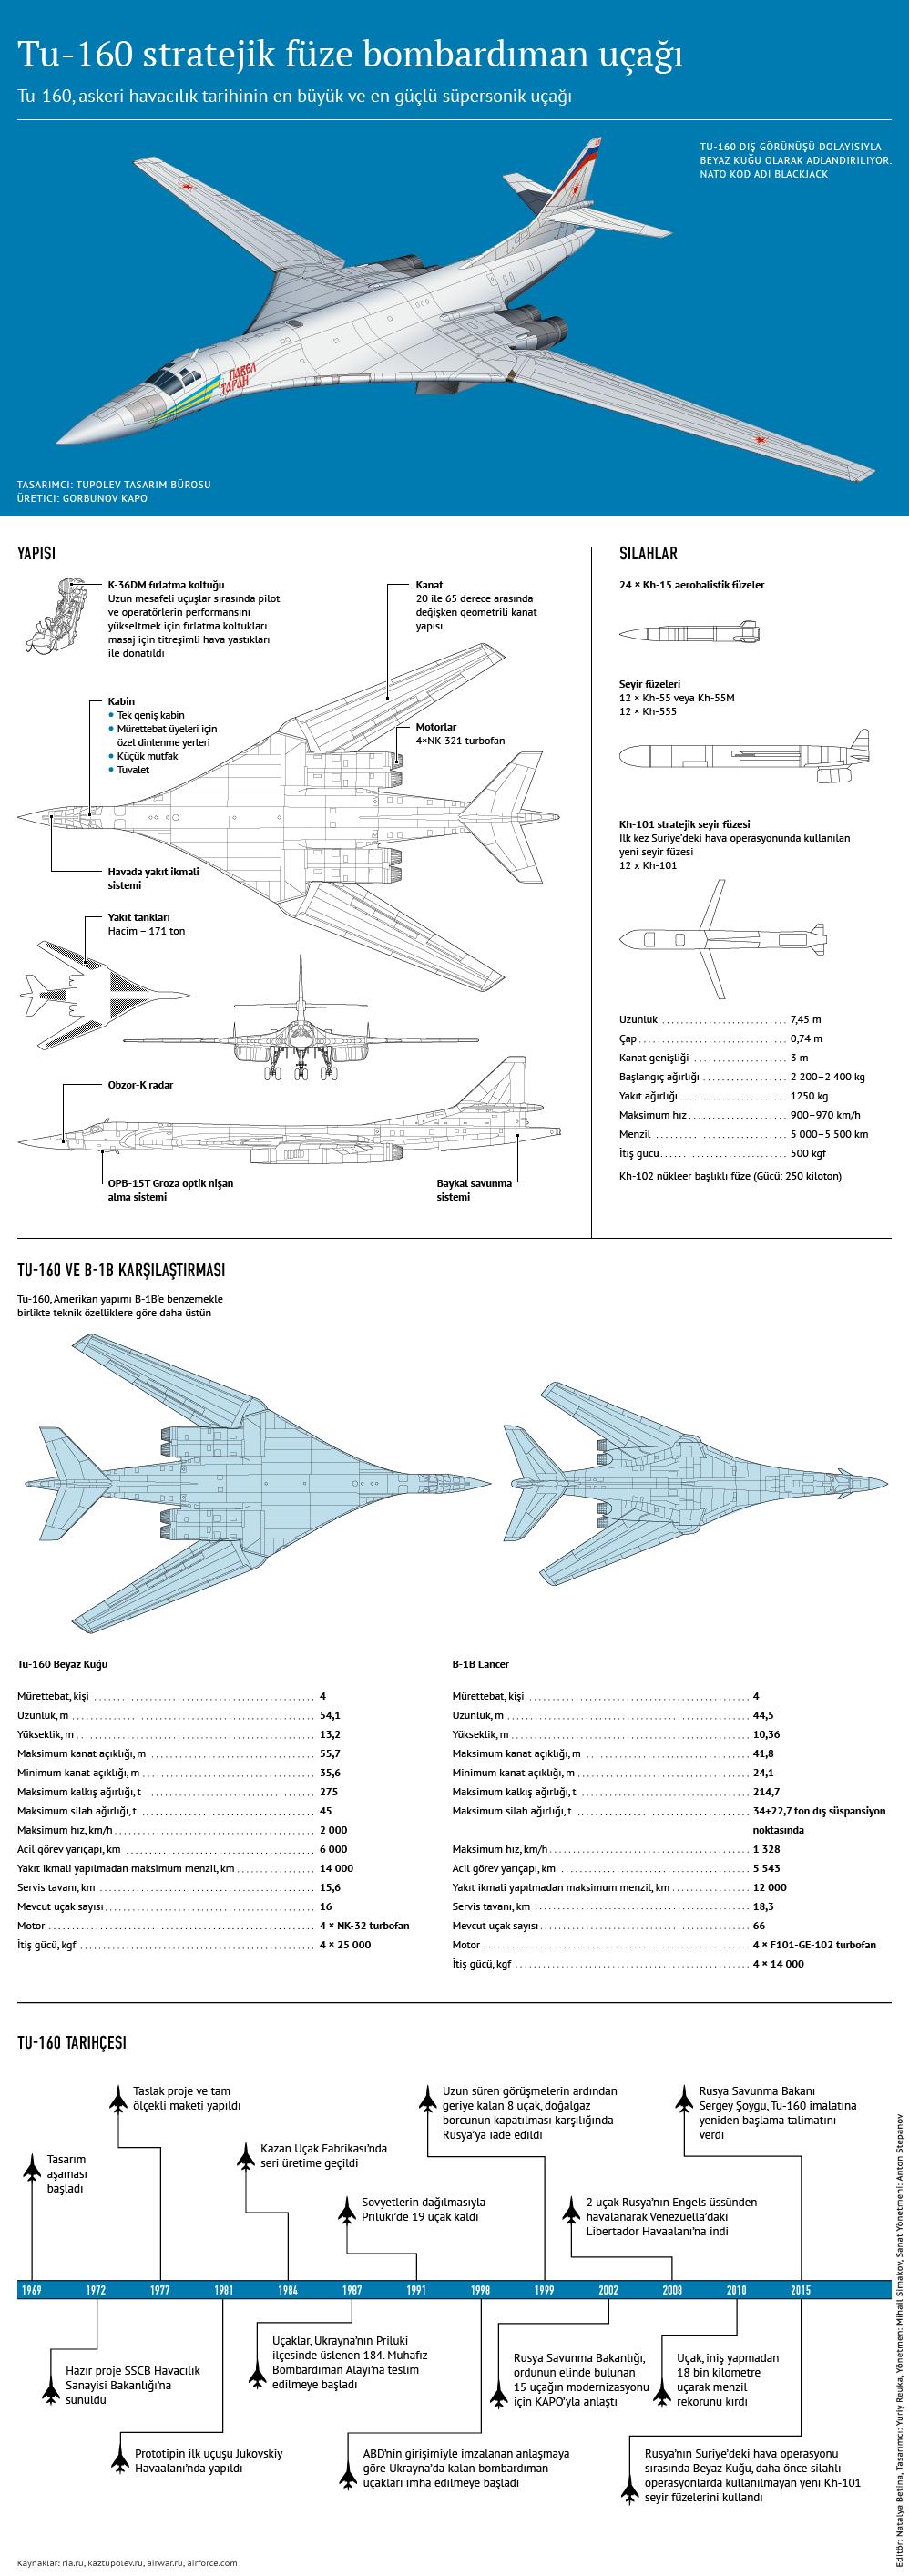 Askeri havacılık tarihinin en güçlü uçağı